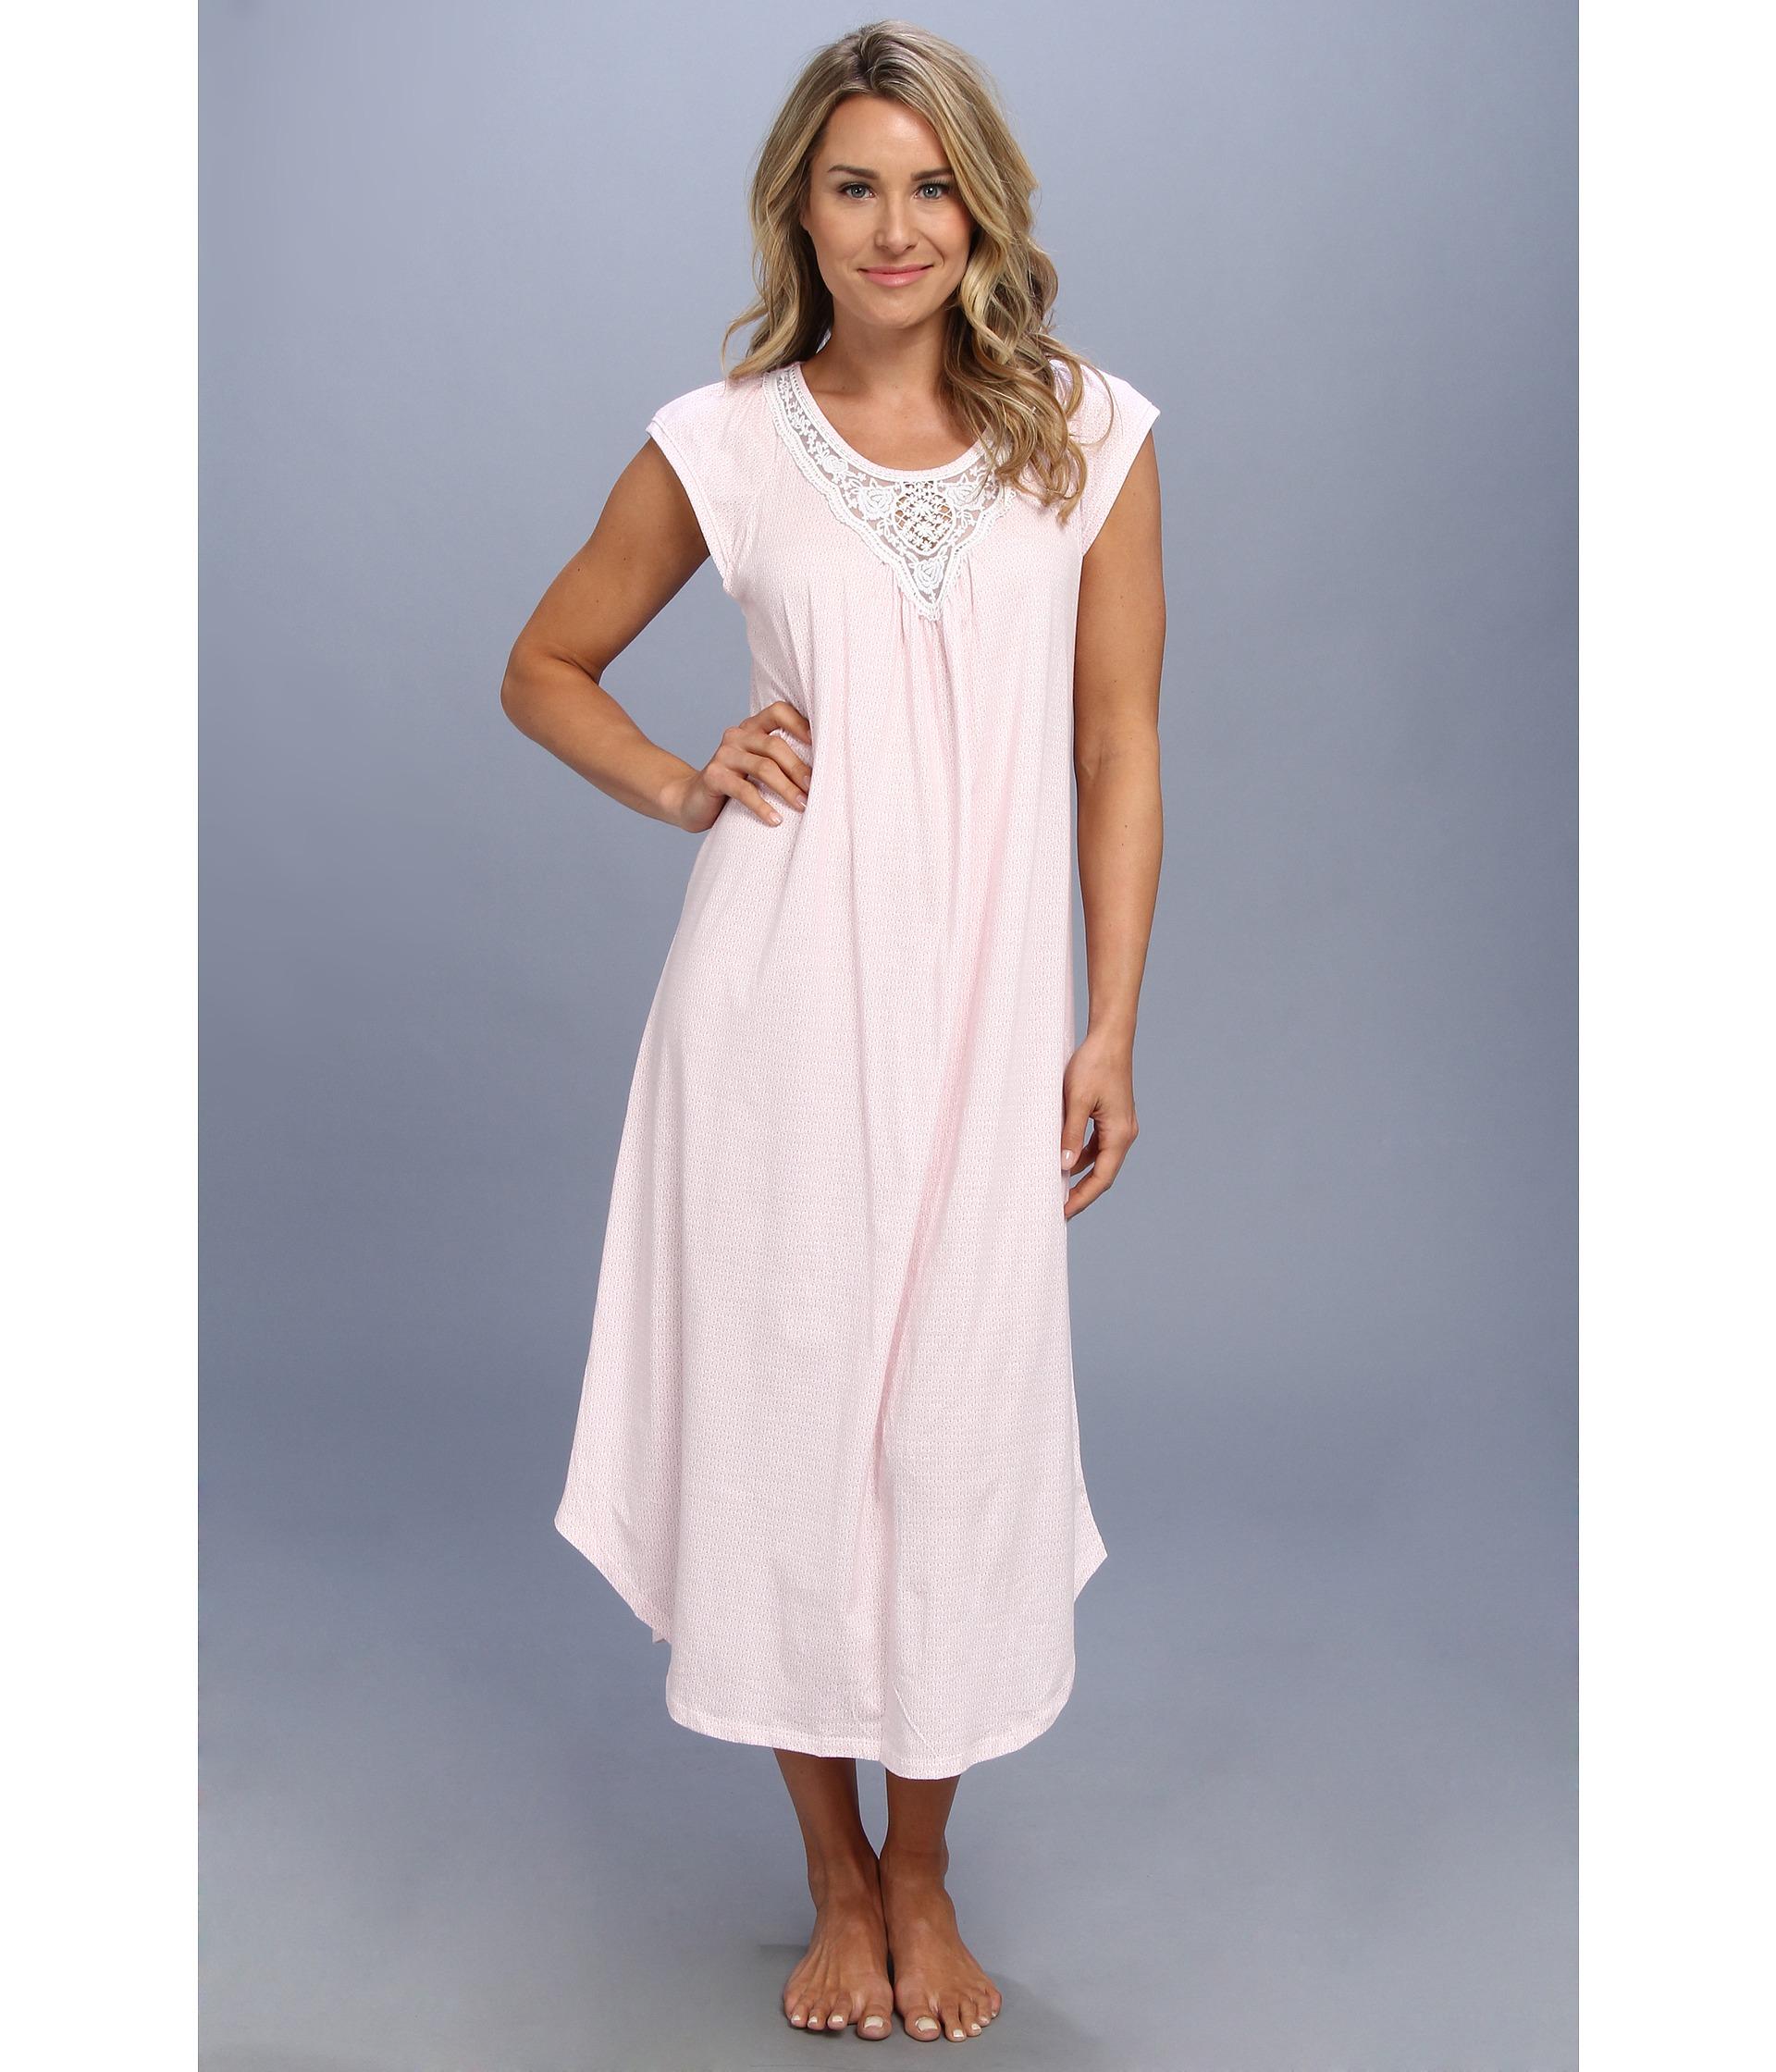 0a60145efc Lyst - Carole Hochman Long Nightgown in Pink